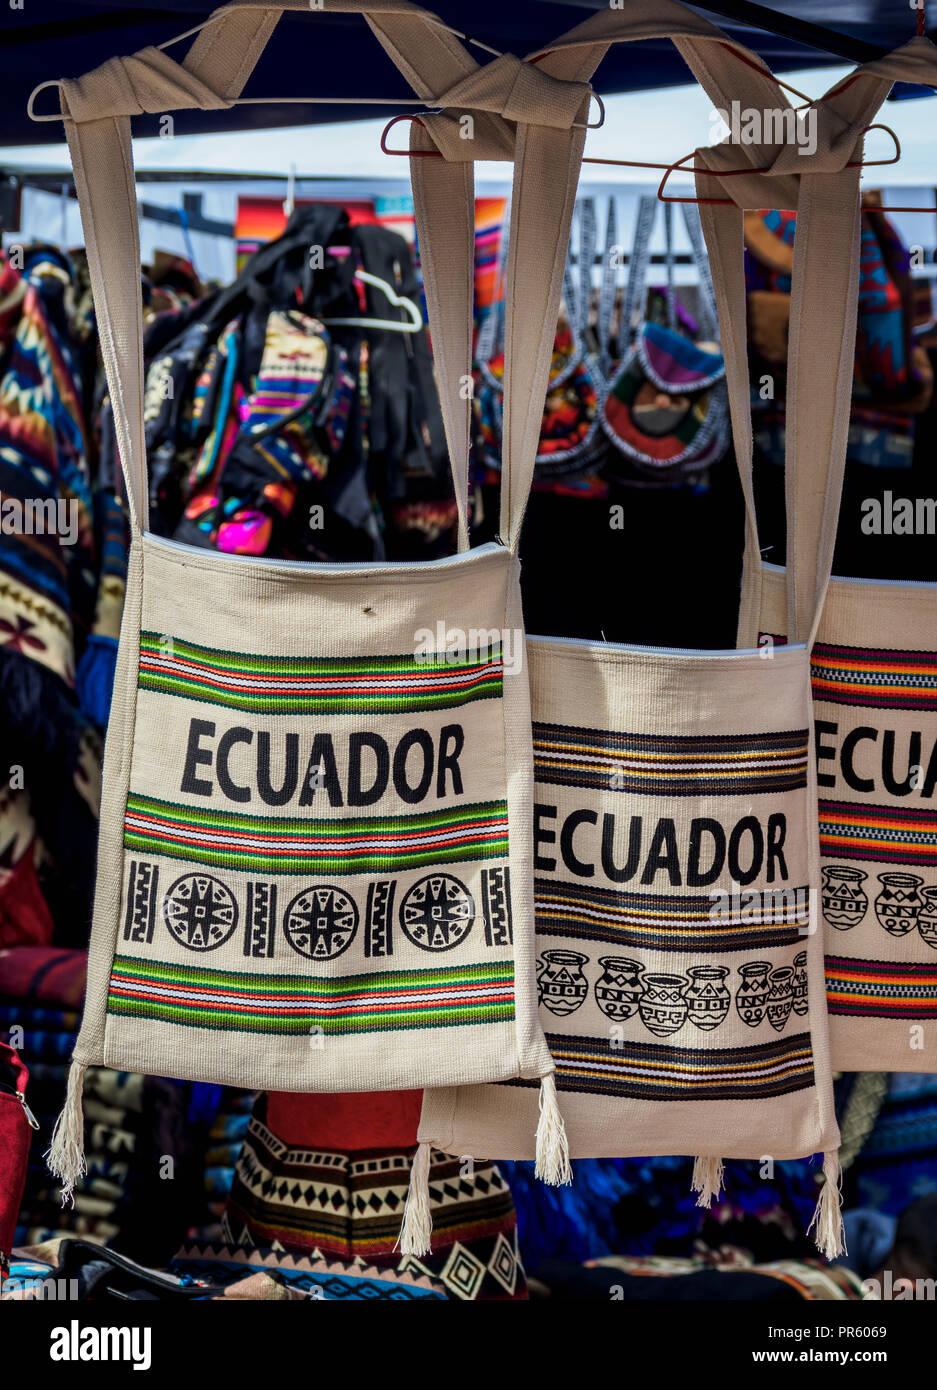 Saturday Handicraft Market, Plaza de los Ponchos, Otavalo, Imbabura Province, Ecuador - Stock Image